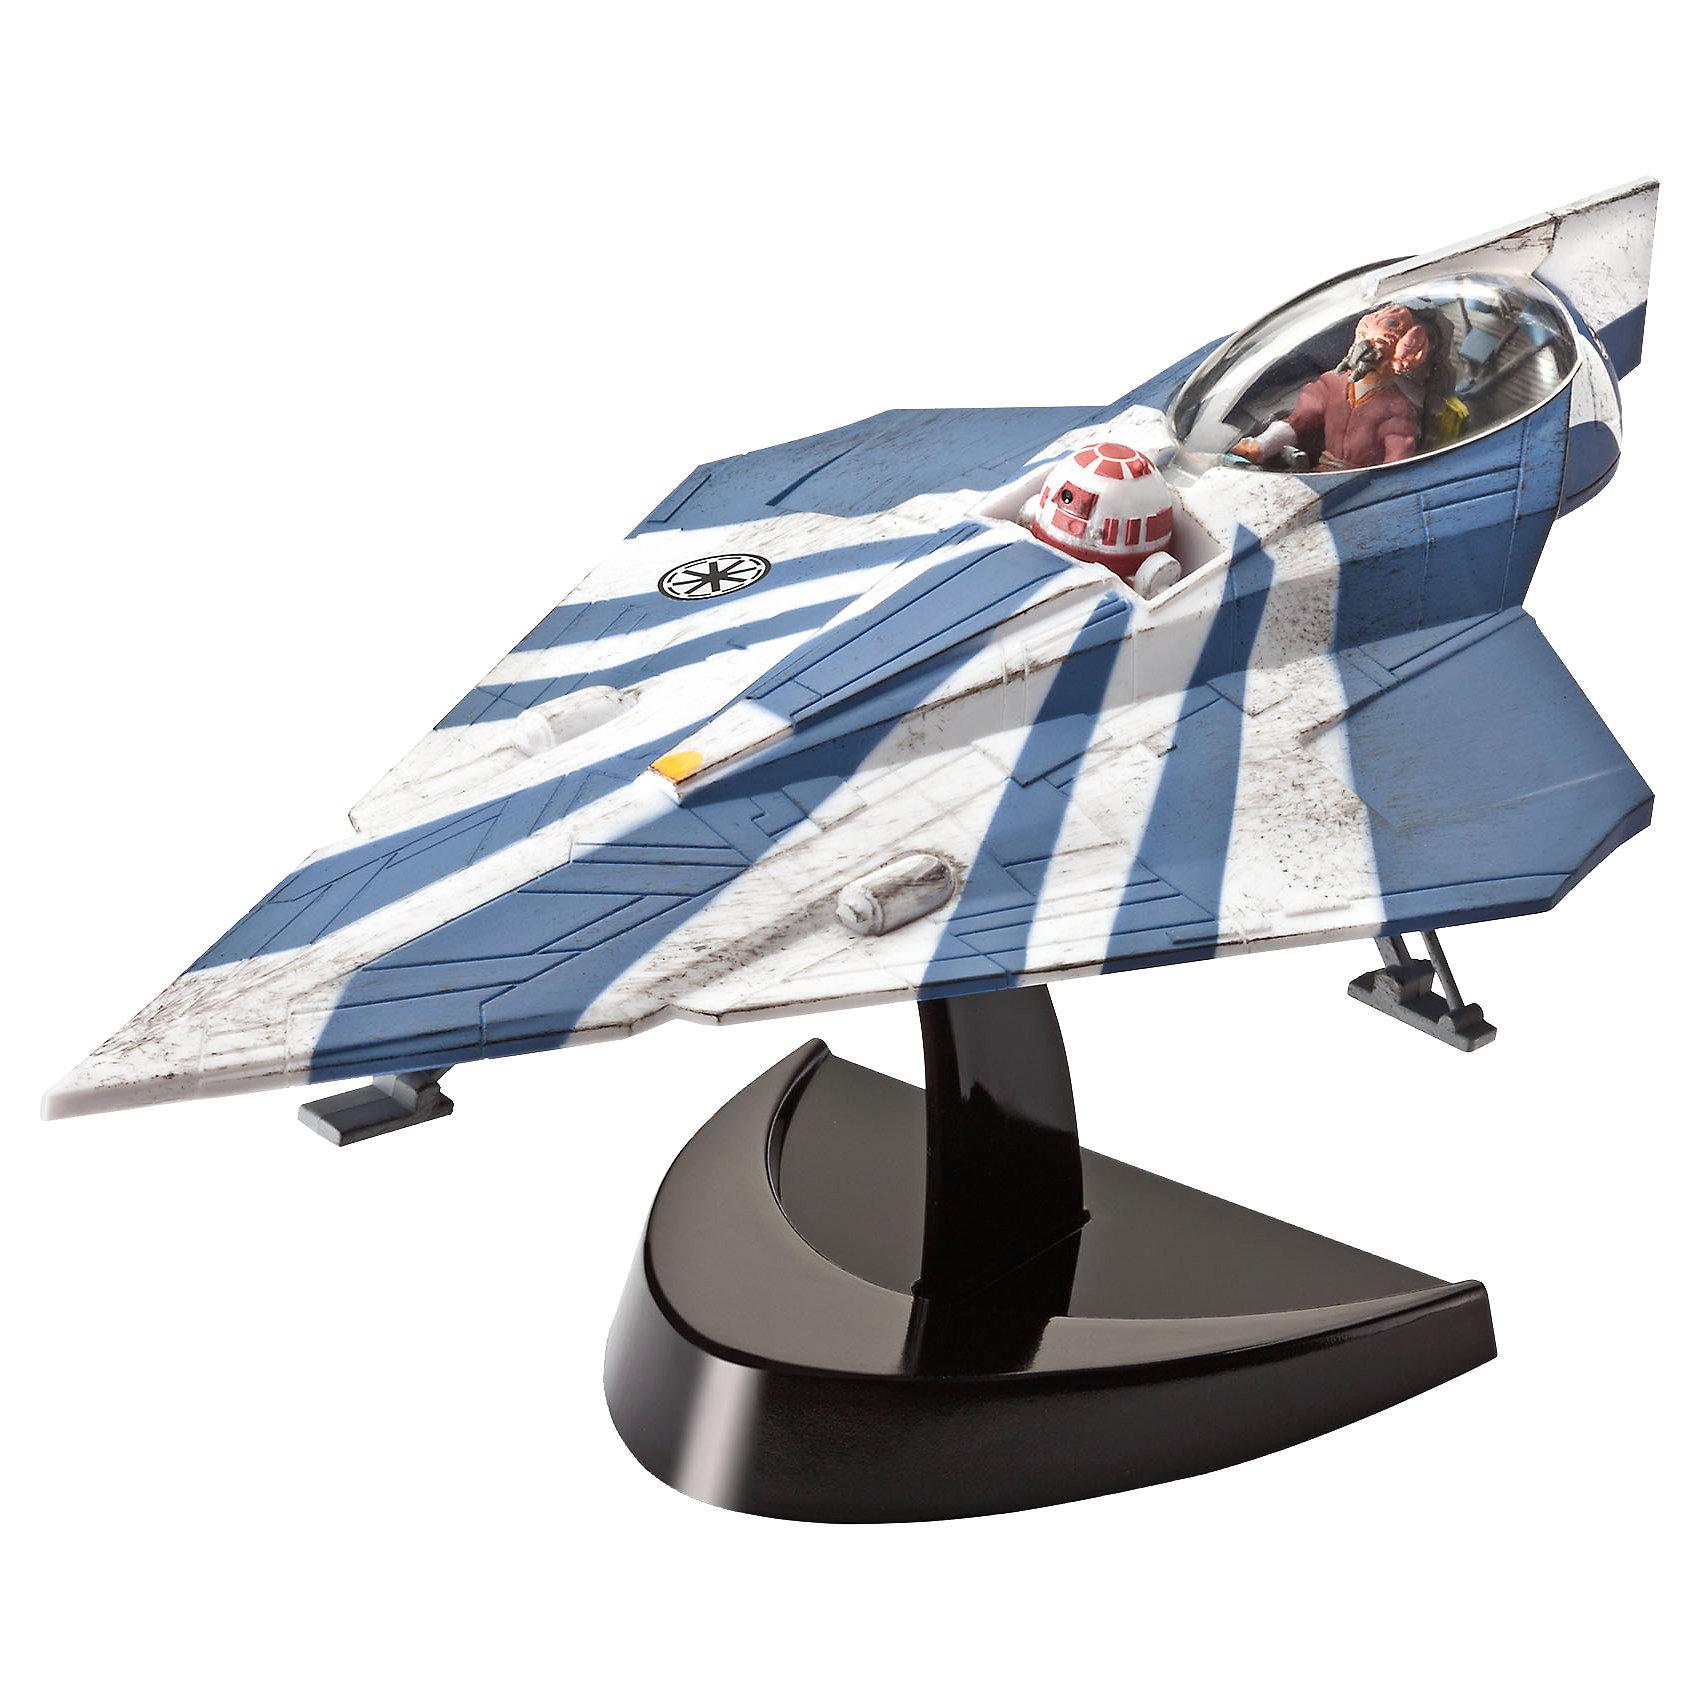 Сборка Звездный Истребитель Пло Куна (Войны клонов)Звездные войны<br>Сборная модель космического корабля Пло Куна из вселенной. Отличный подарок фанату Звездных войн, даже далекому от стендового моделизма.  Модель собирается без клея и все ее детали уже окрашены. Поэтому собрать космический корабль не составит труда даже для неопытного моделизма.  <br>Набор состоит из 34 пластиковых деталей и инструкции. Фигурка Пло Куна и один дрон включены в комплект. Они тоже уже окрашены. <br>Рекомендуется для взрослых и детей в возрасте от 8 лет. <br>Клей и краски для сборки не потребуются! Инструмент для отделения деталей с литников приобретаются отдельно.<br><br>Ширина мм: 369<br>Глубина мм: 162<br>Высота мм: 76<br>Вес г: 243<br>Возраст от месяцев: 96<br>Возраст до месяцев: 156<br>Пол: Мужской<br>Возраст: Детский<br>SKU: 4125585